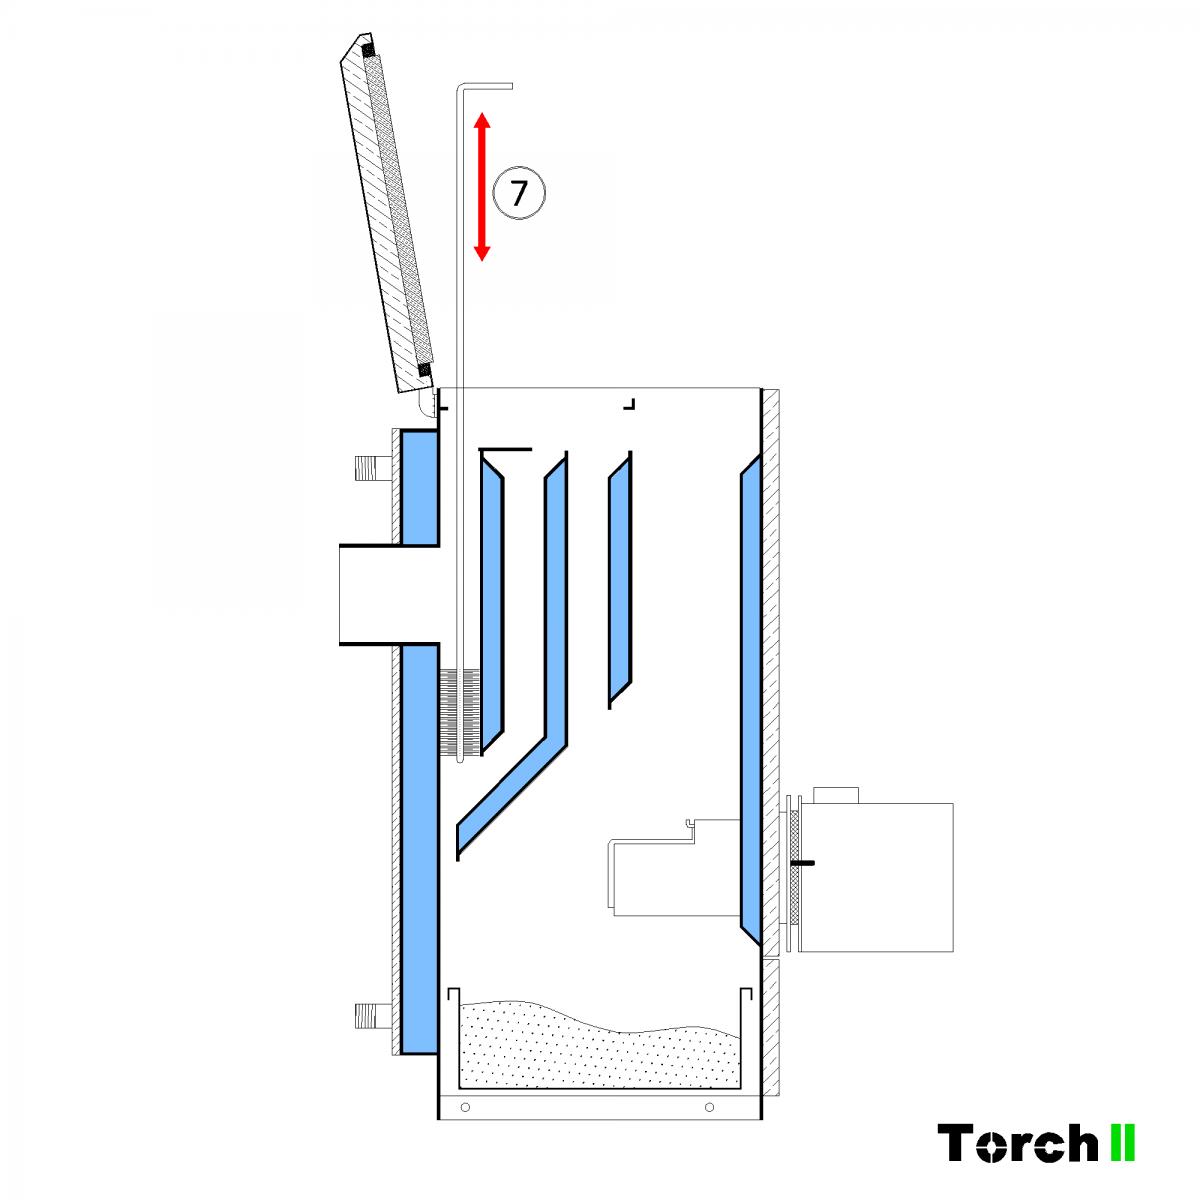 Почистване на пелетен котел Torch II - стъпка 4